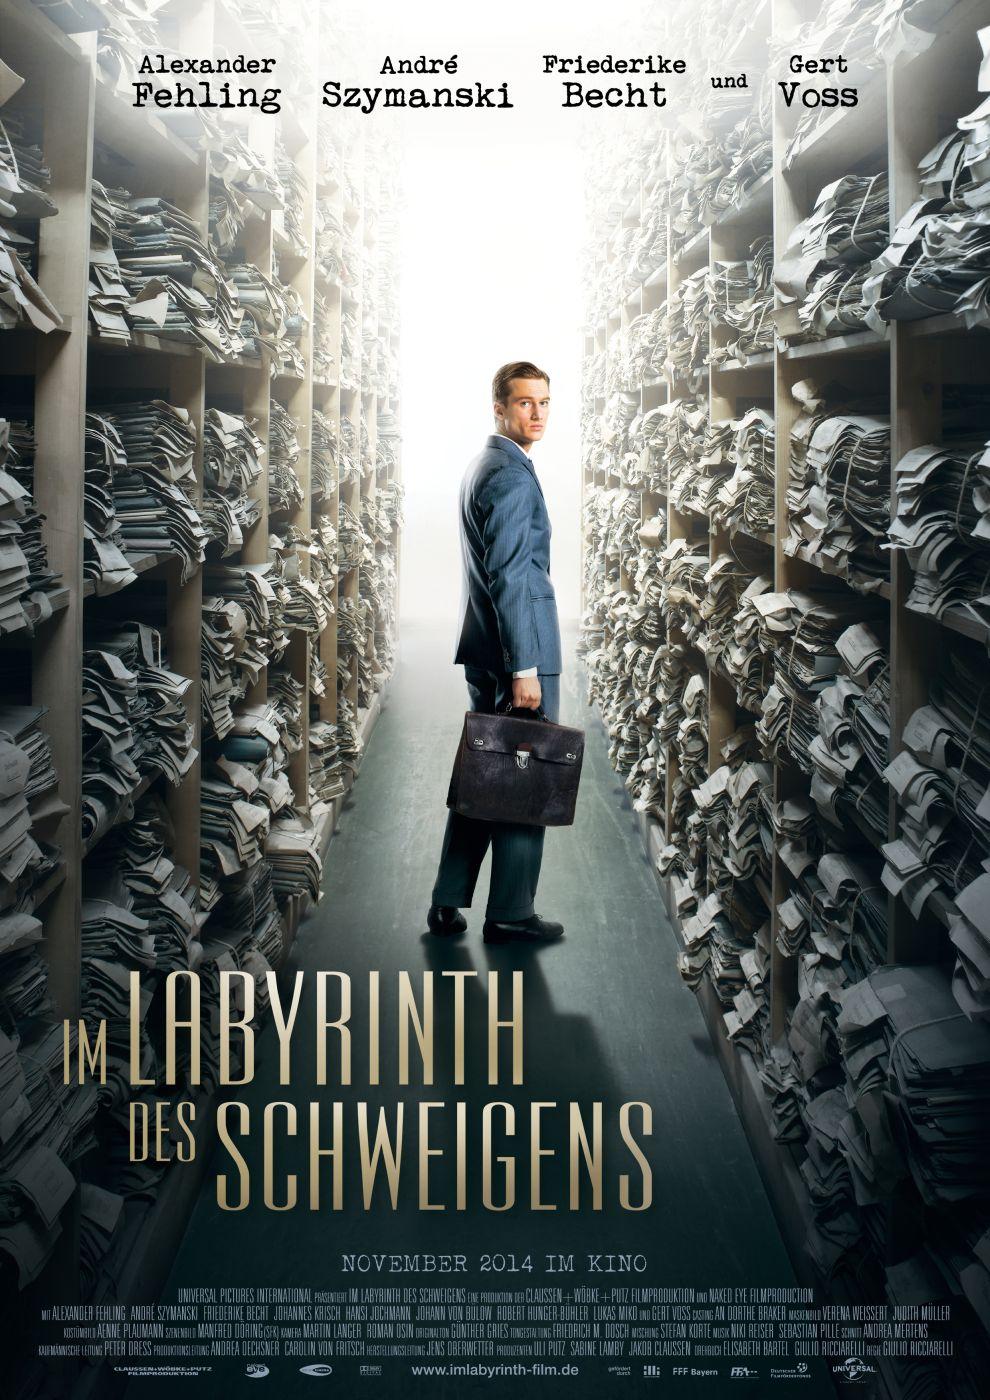 In_labyrinth_des_schweigens